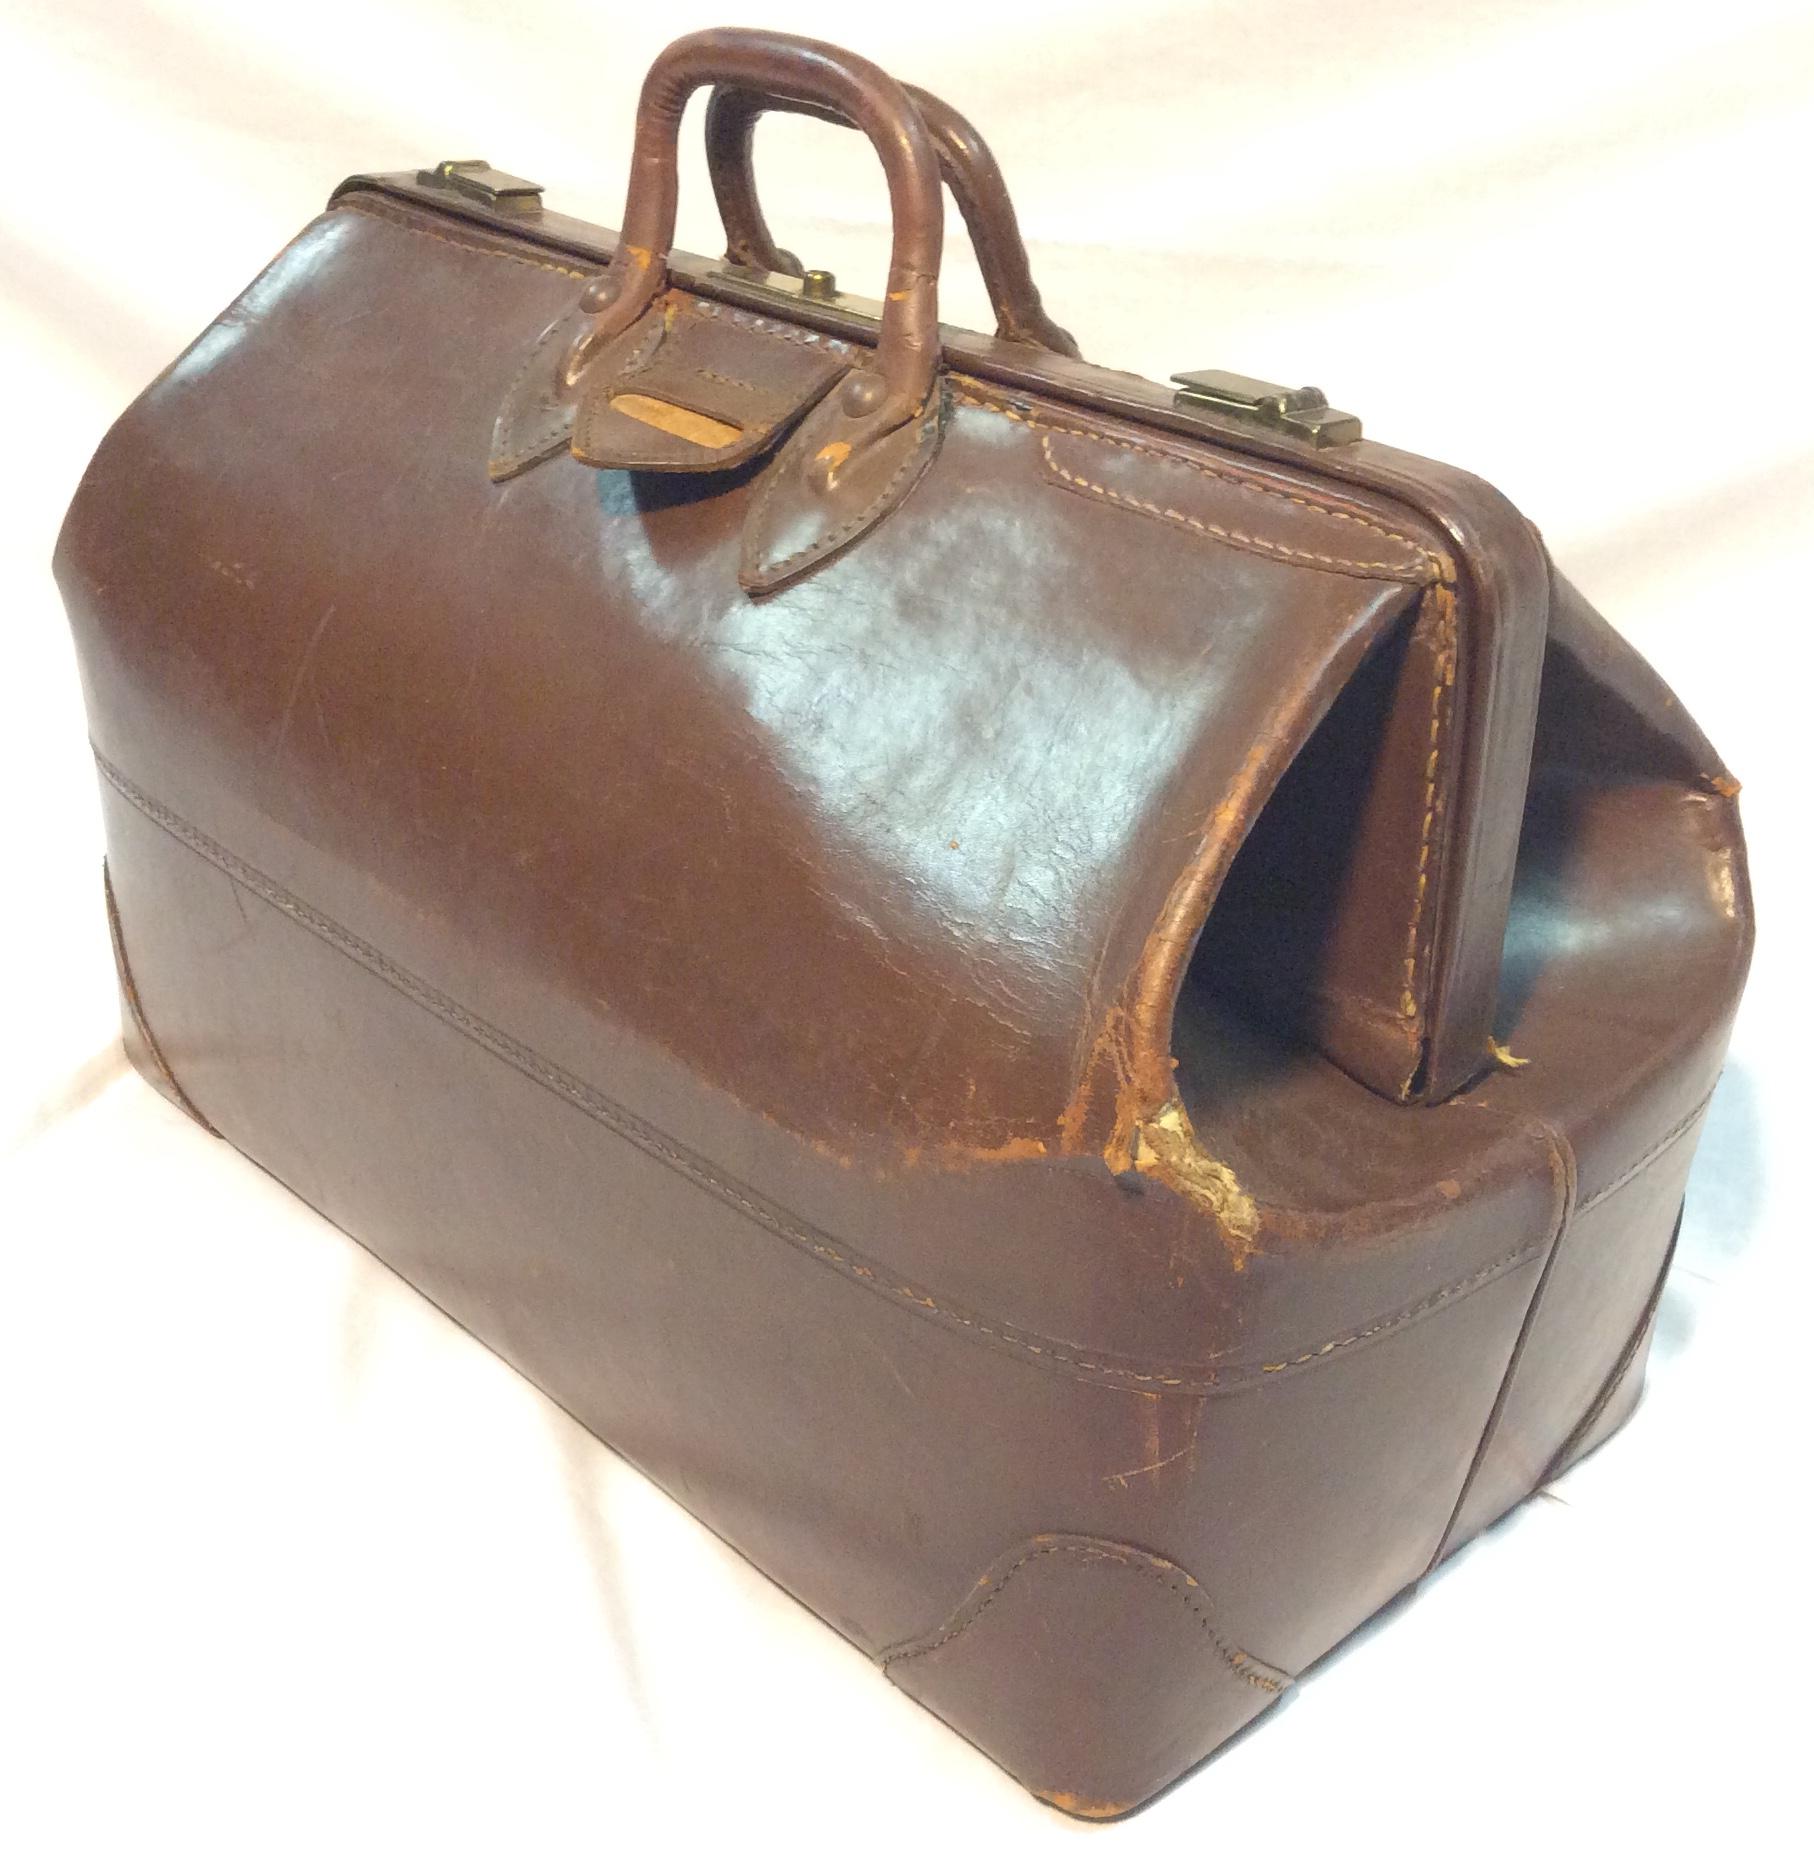 Vintage Dark brown leather suitcase